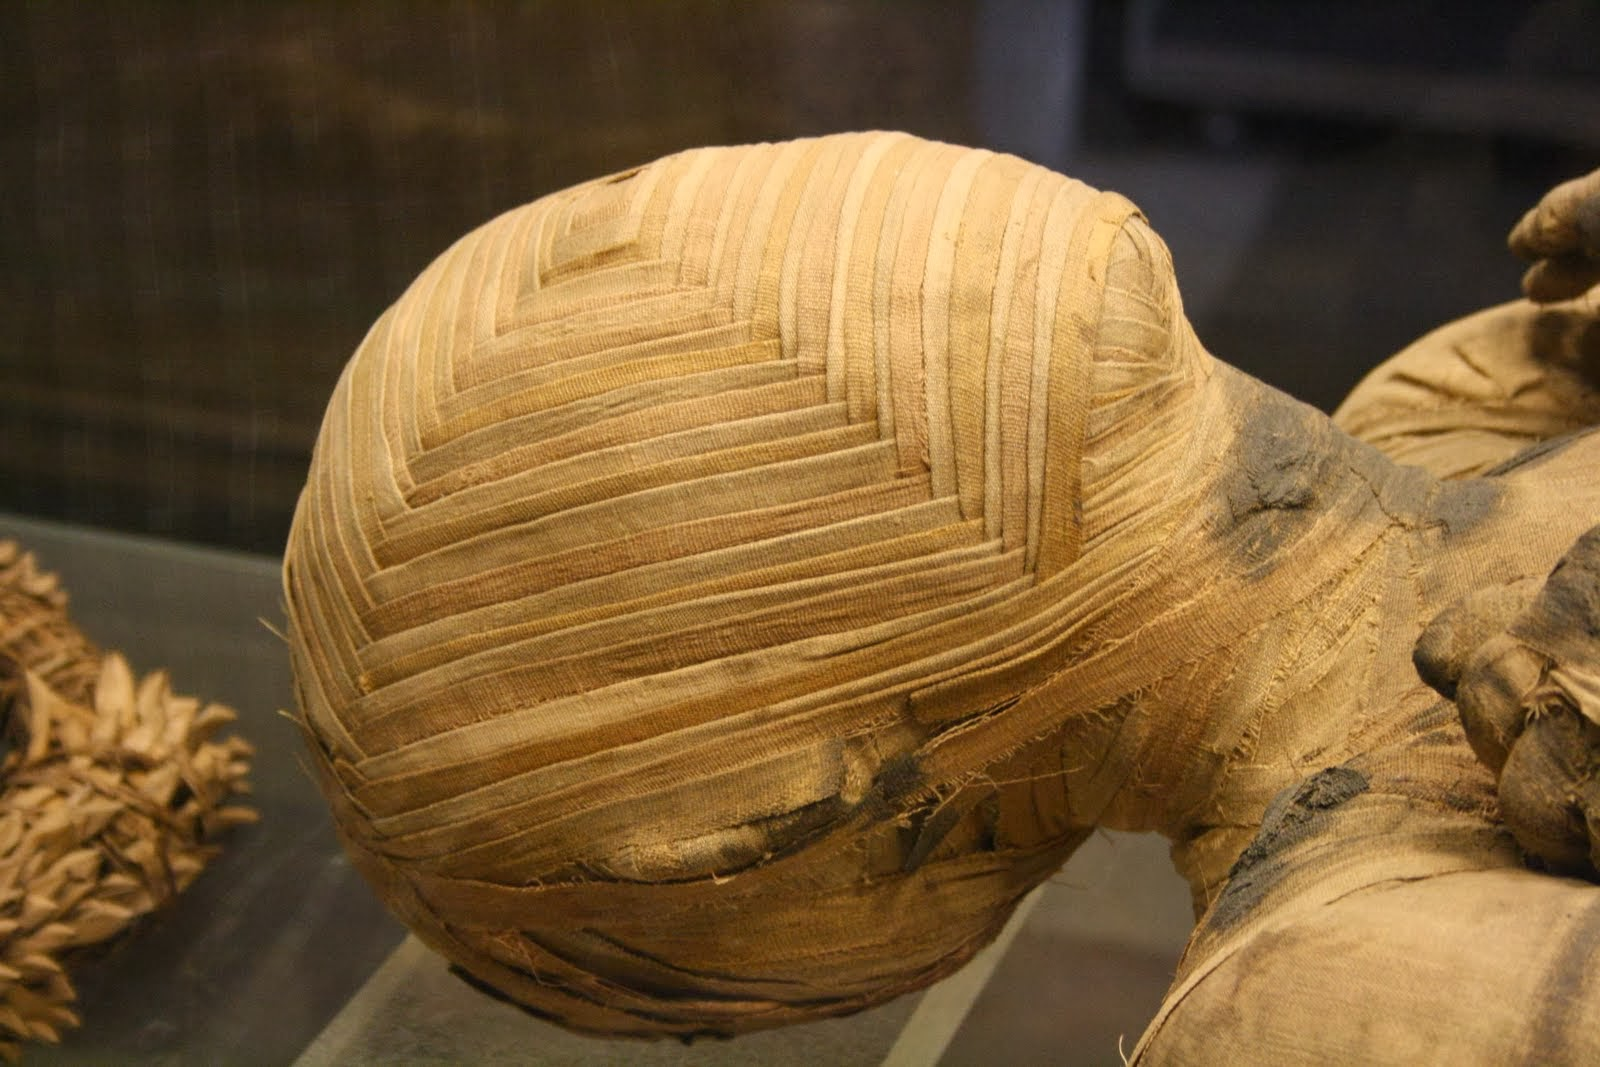 El Arte Funerario en el Antiguo Egipto: Ritos y Costumbres